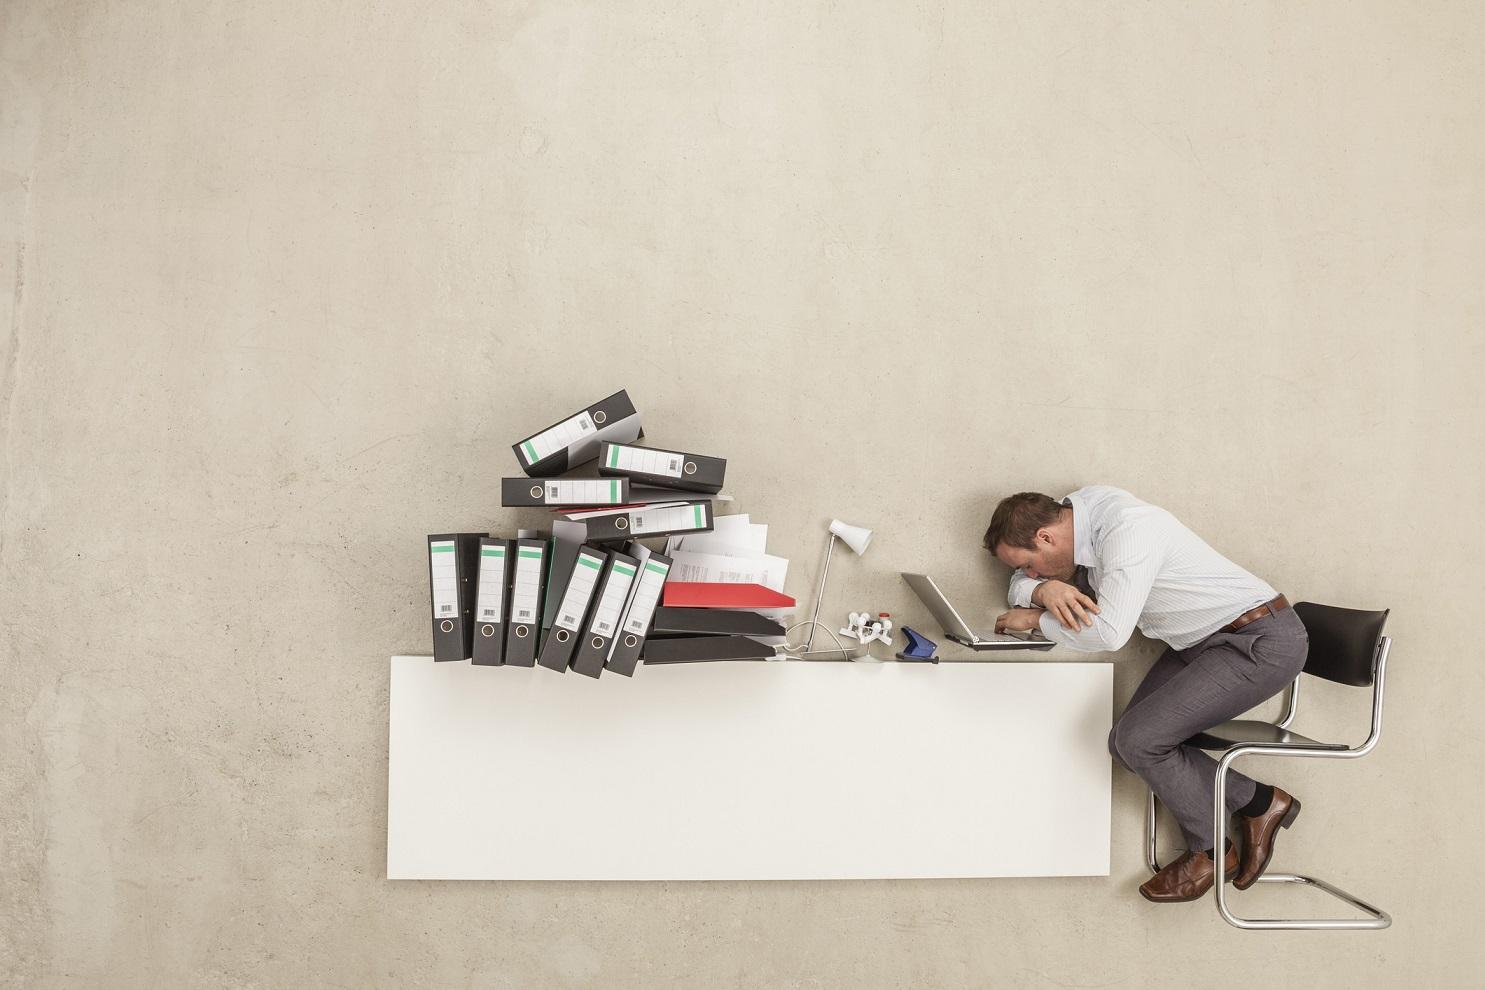 「朝からだるい……」。疲れがとれない、疲労回復しない人に役立つ知識